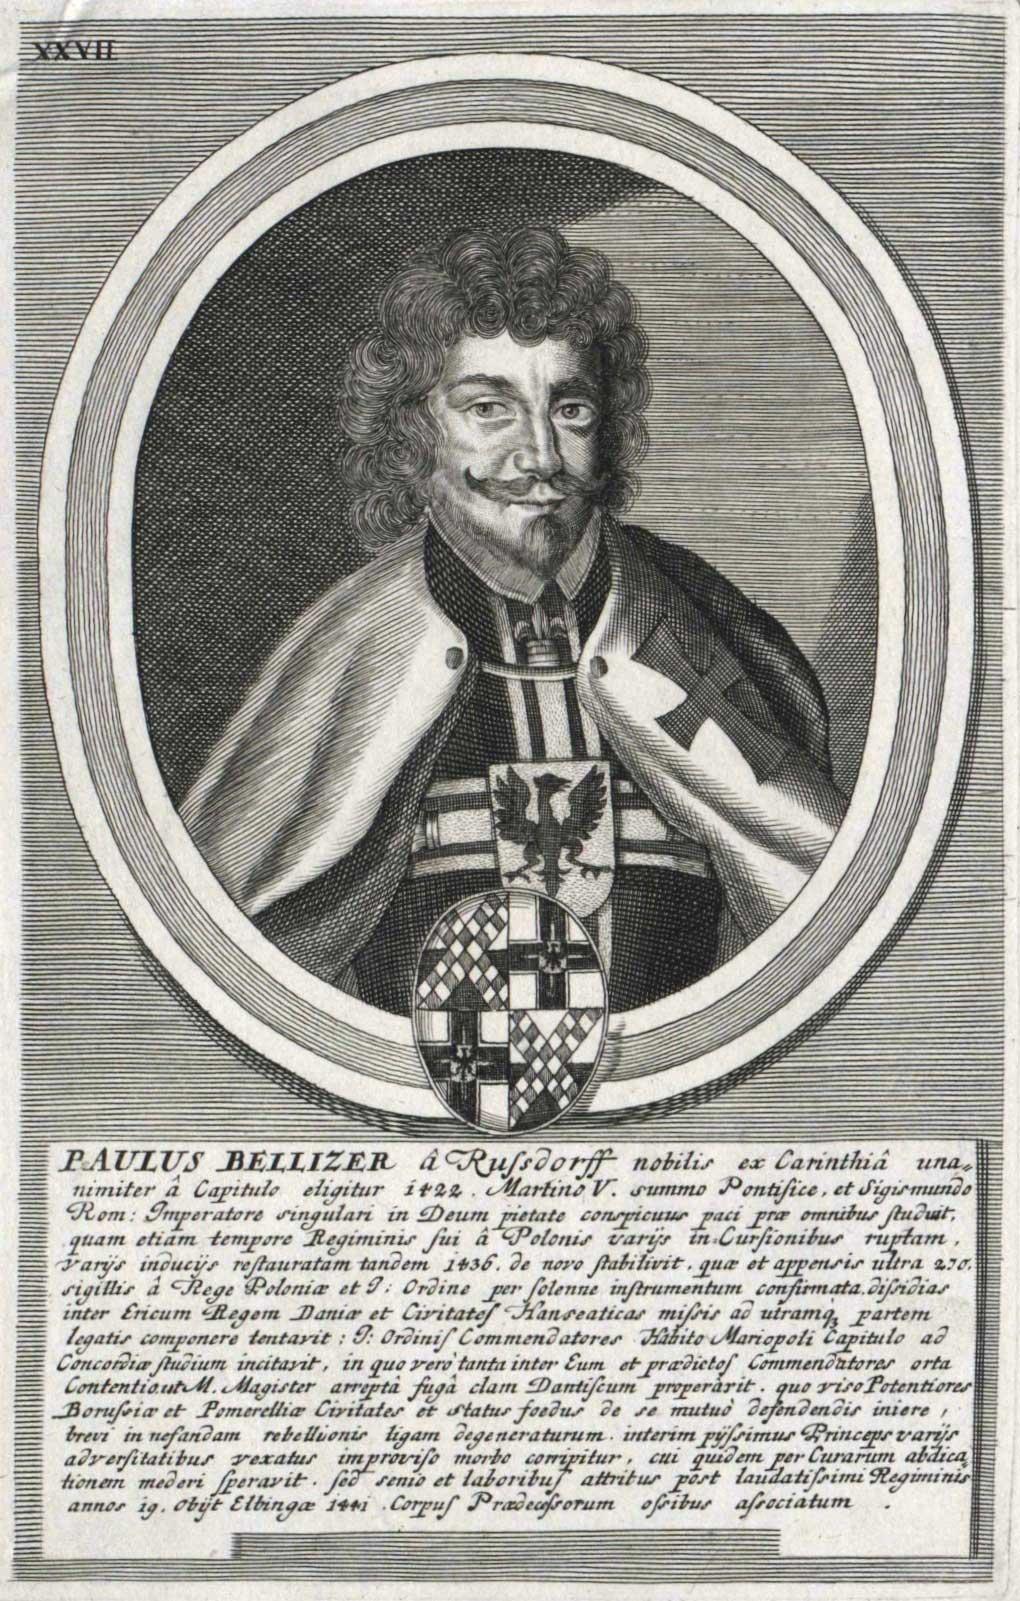 Paul de Rusdorf, Grand-Maître de l'Ordre teutonique de 1422 à 1441